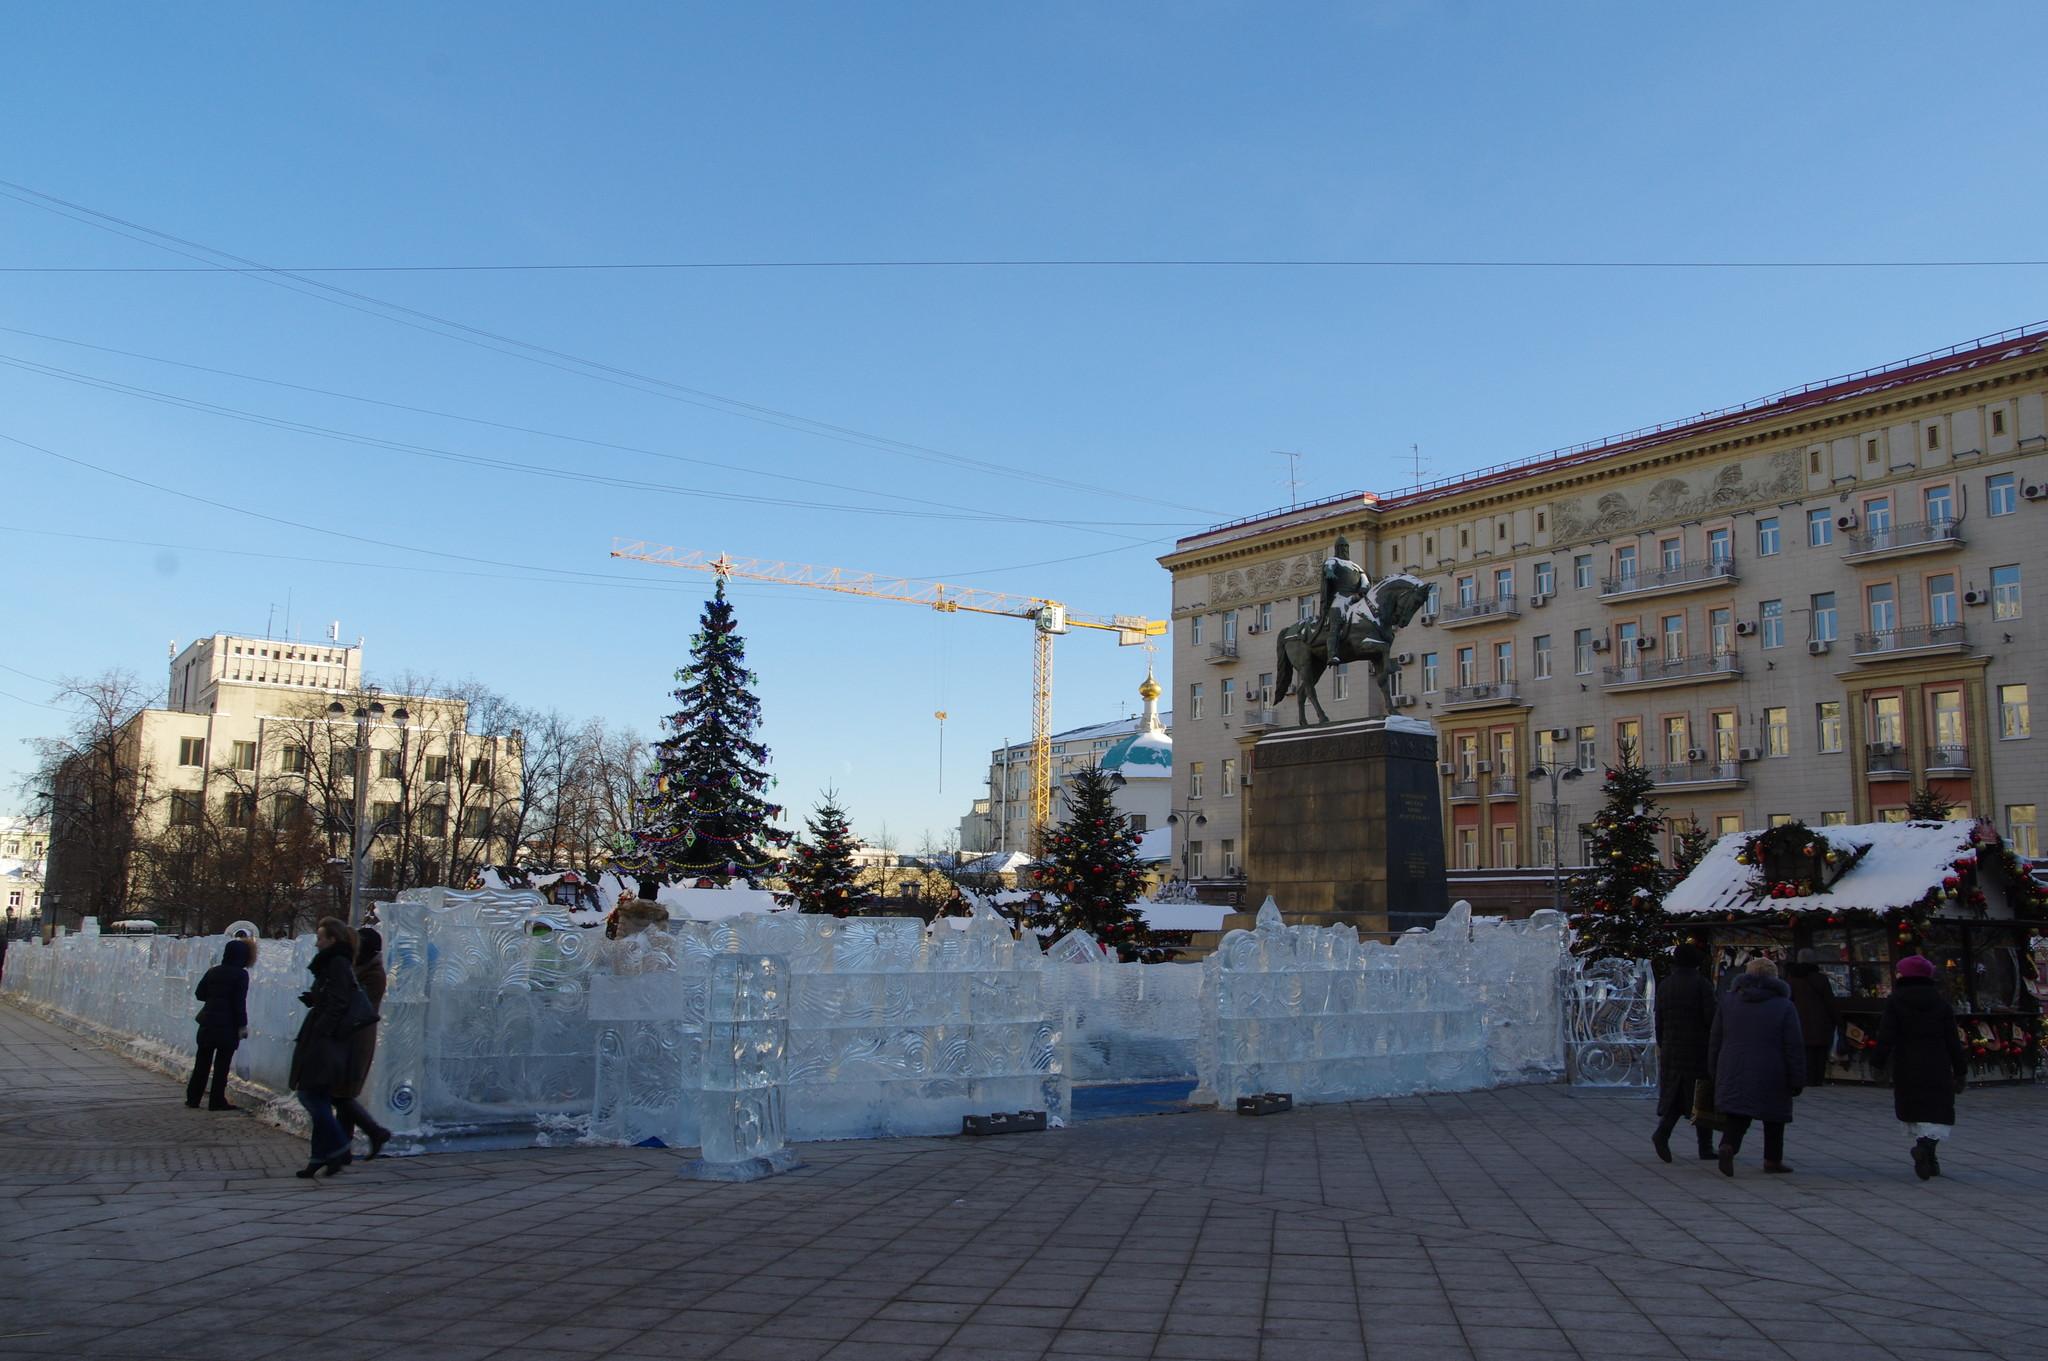 Ярмарка «Сказка о царе Султане» на Тверской площади